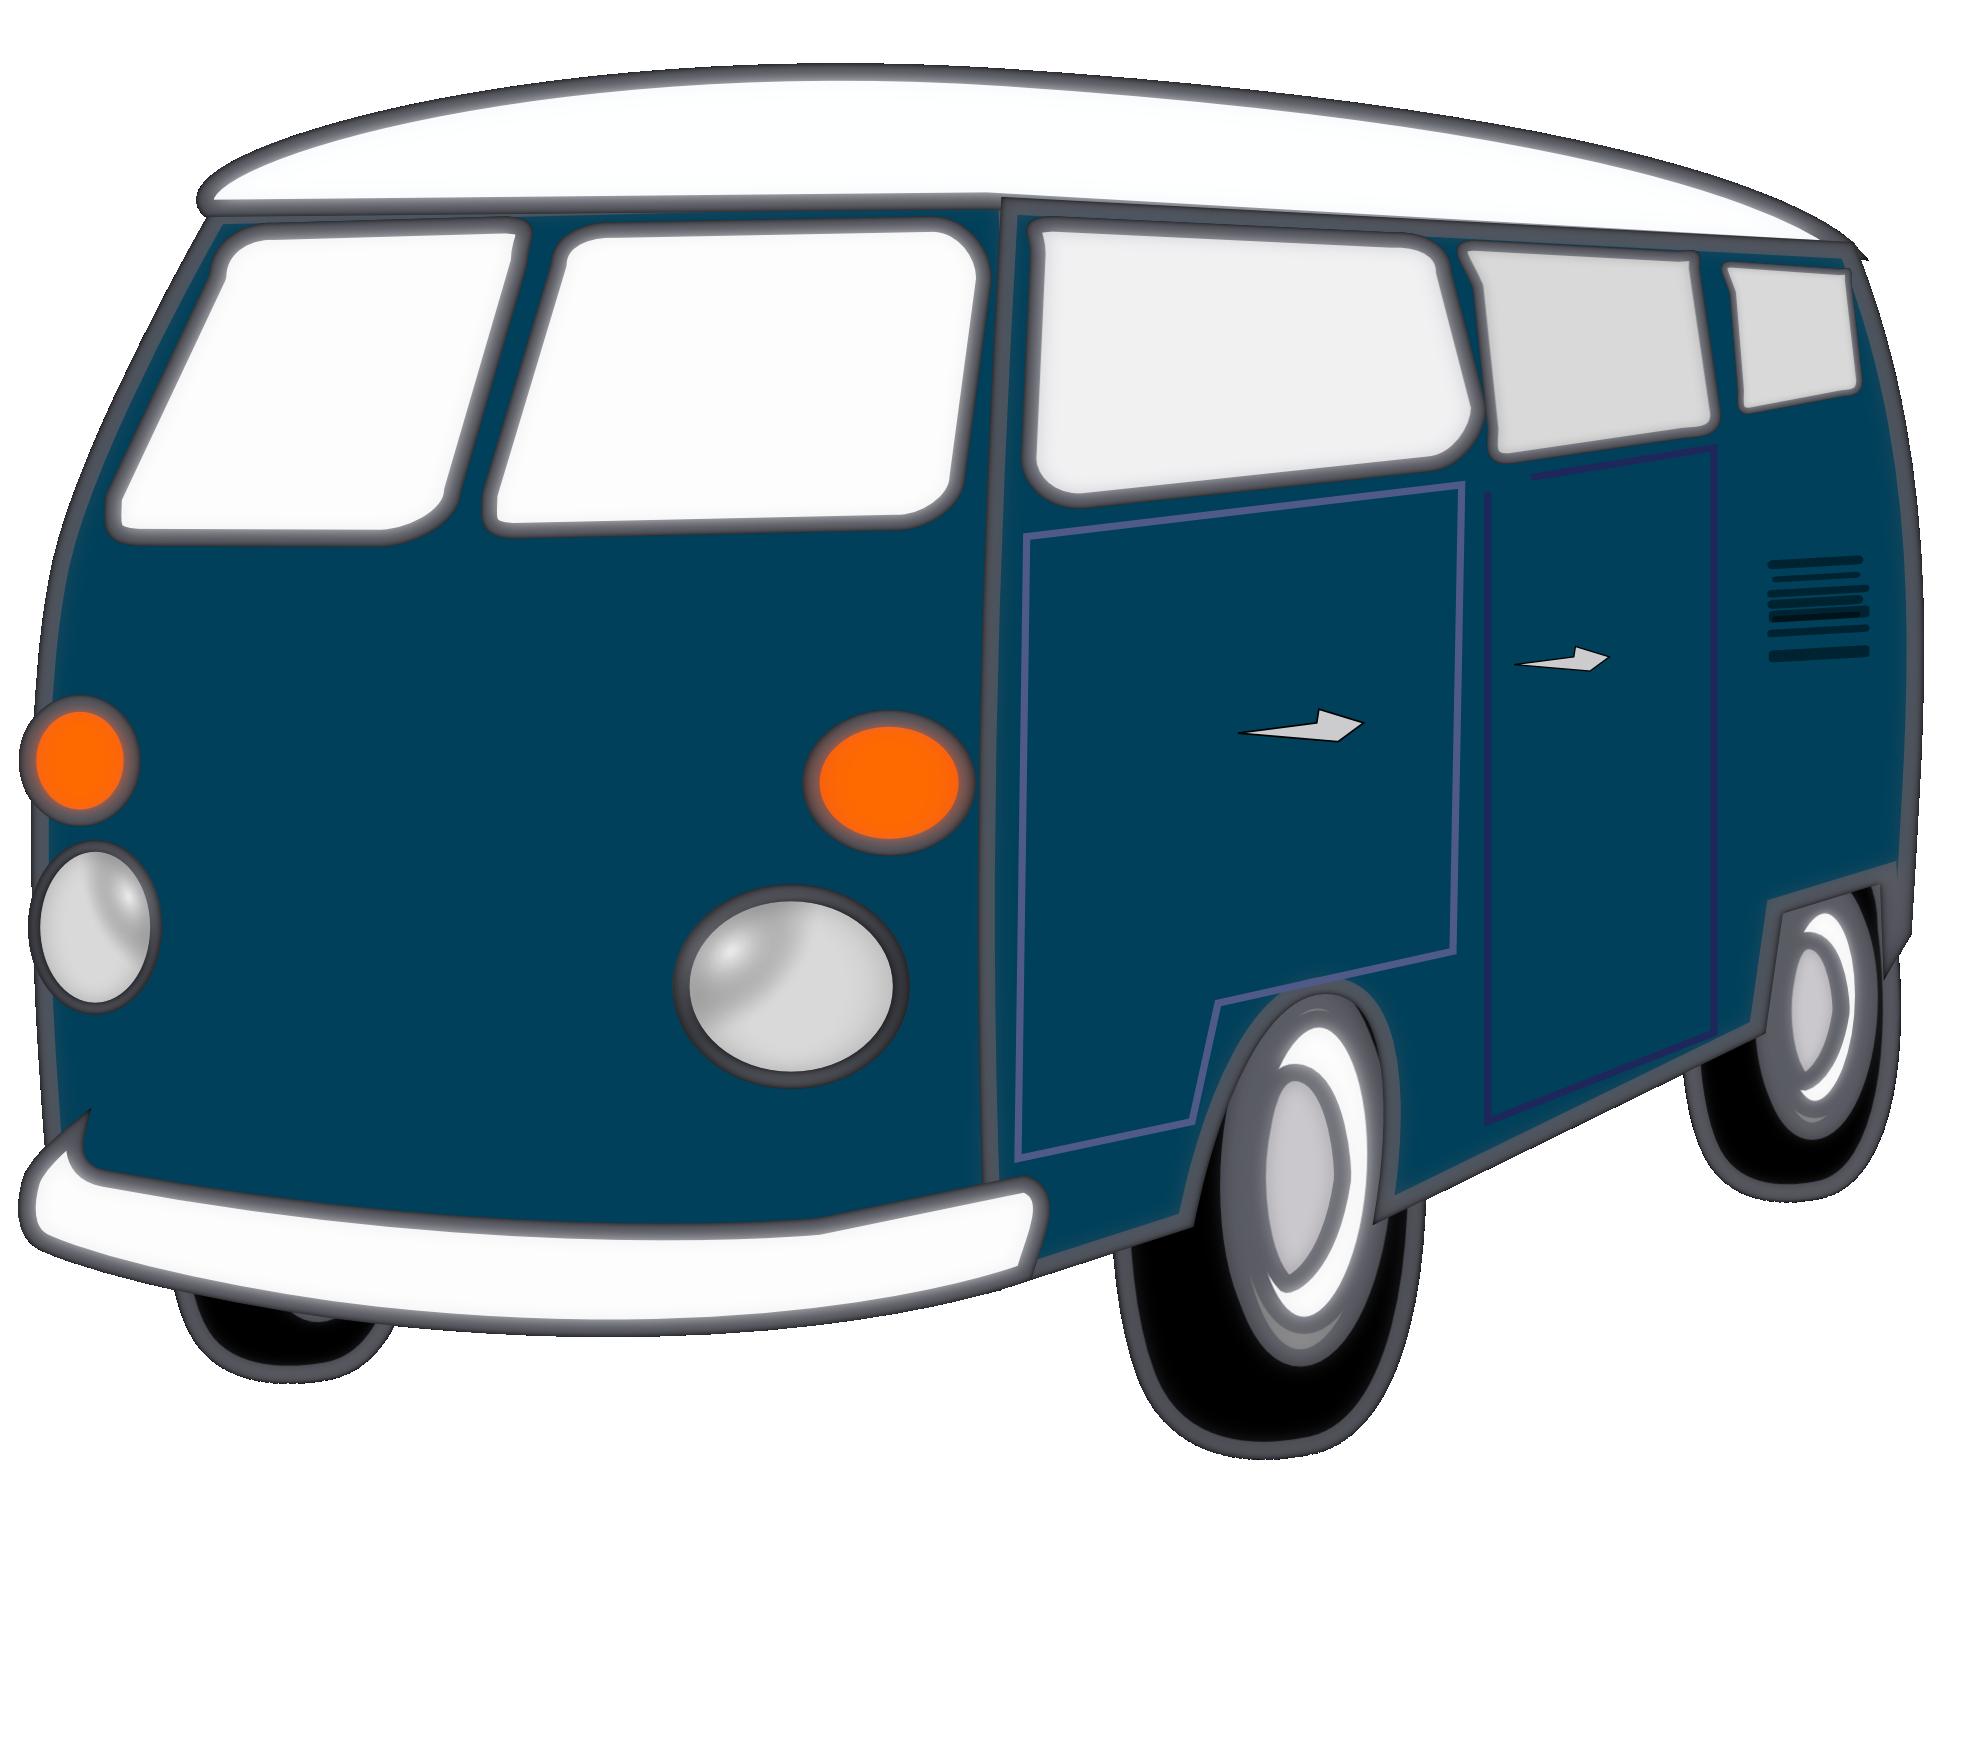 1979x1742 Clip Art Van Clip Art